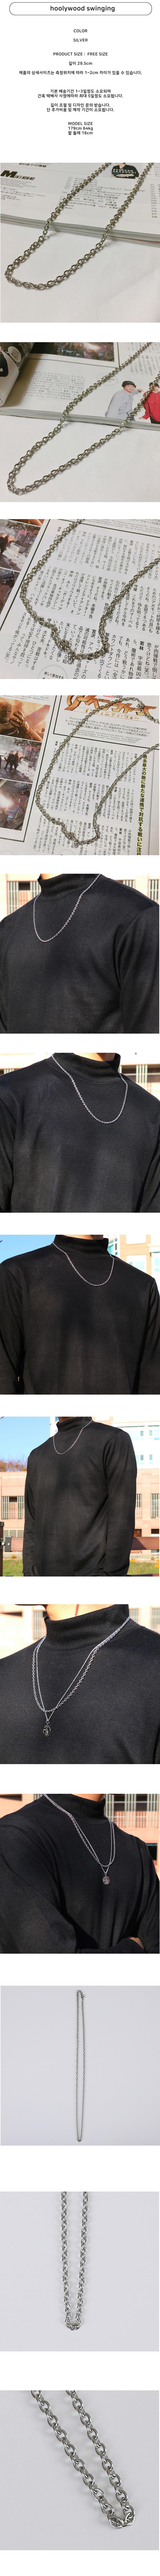 남자 목걸이 레이어드 hoolywood swinging - 빅애플, 20,030원, 패션, 패션목걸이